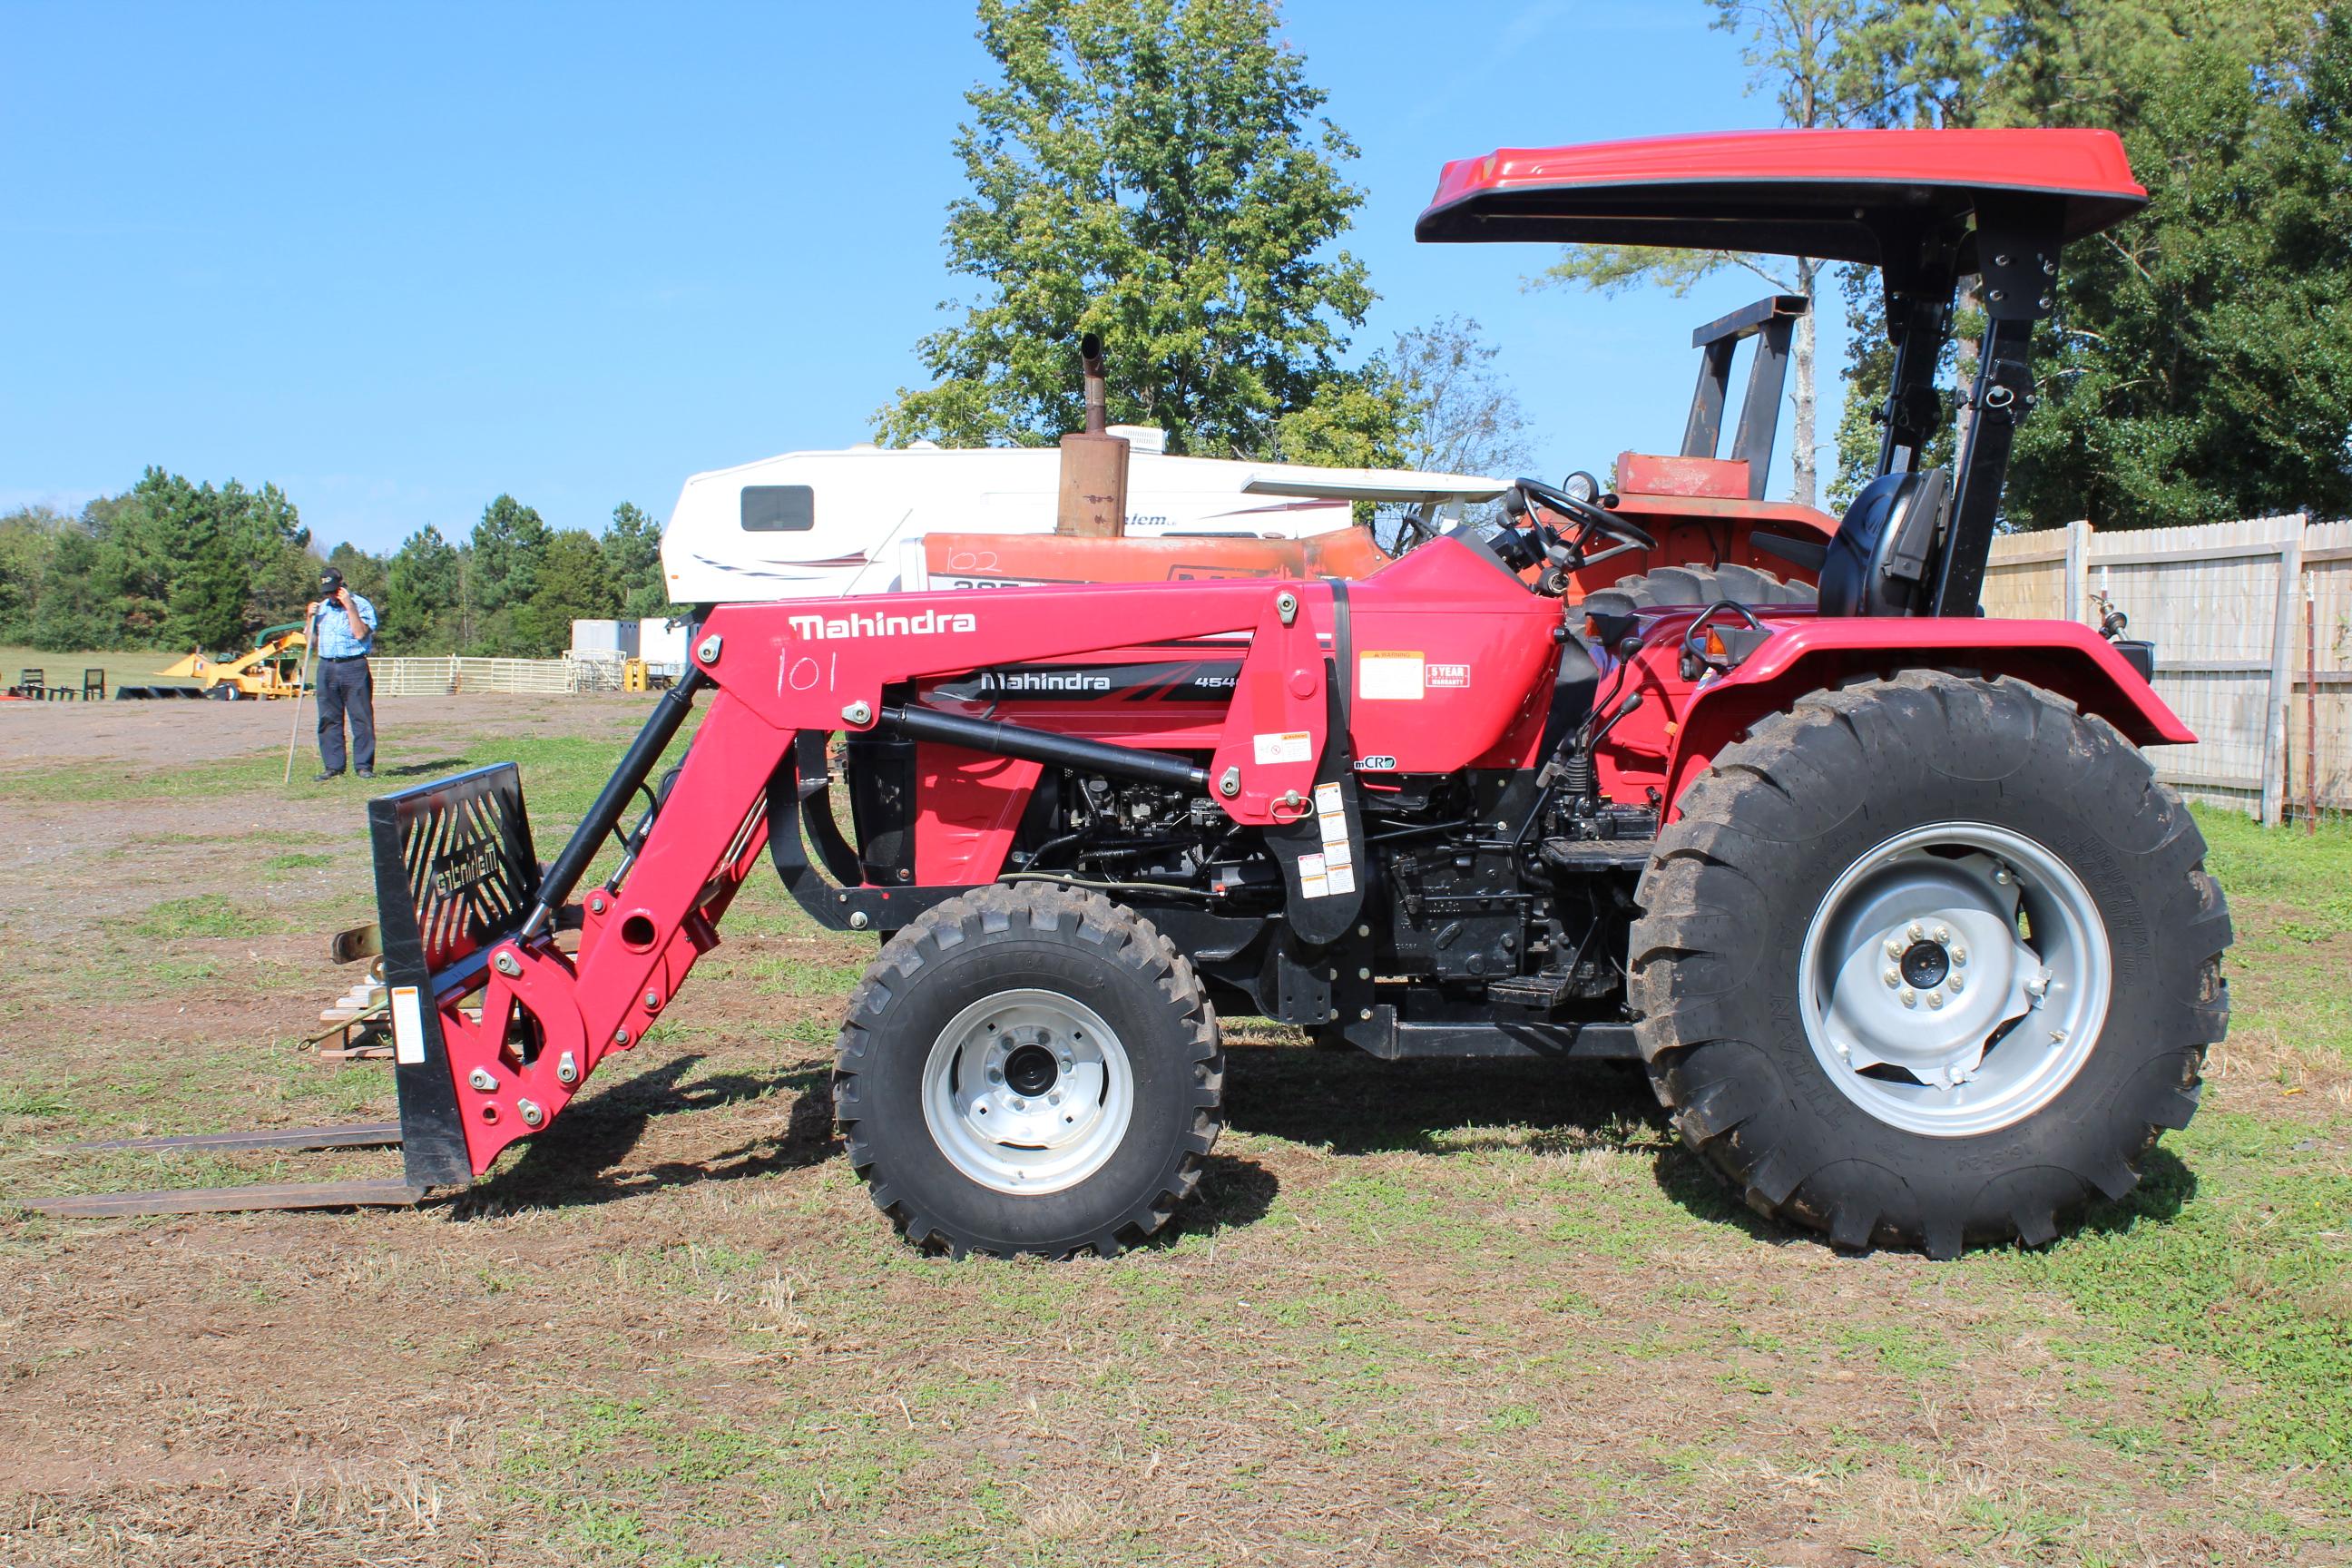 Lot 101 - MAHINDRA 4550 4X4 FARM TRACTOR W/ FORKS W/ CANOPY 157 HRS SN#MRCNY2268